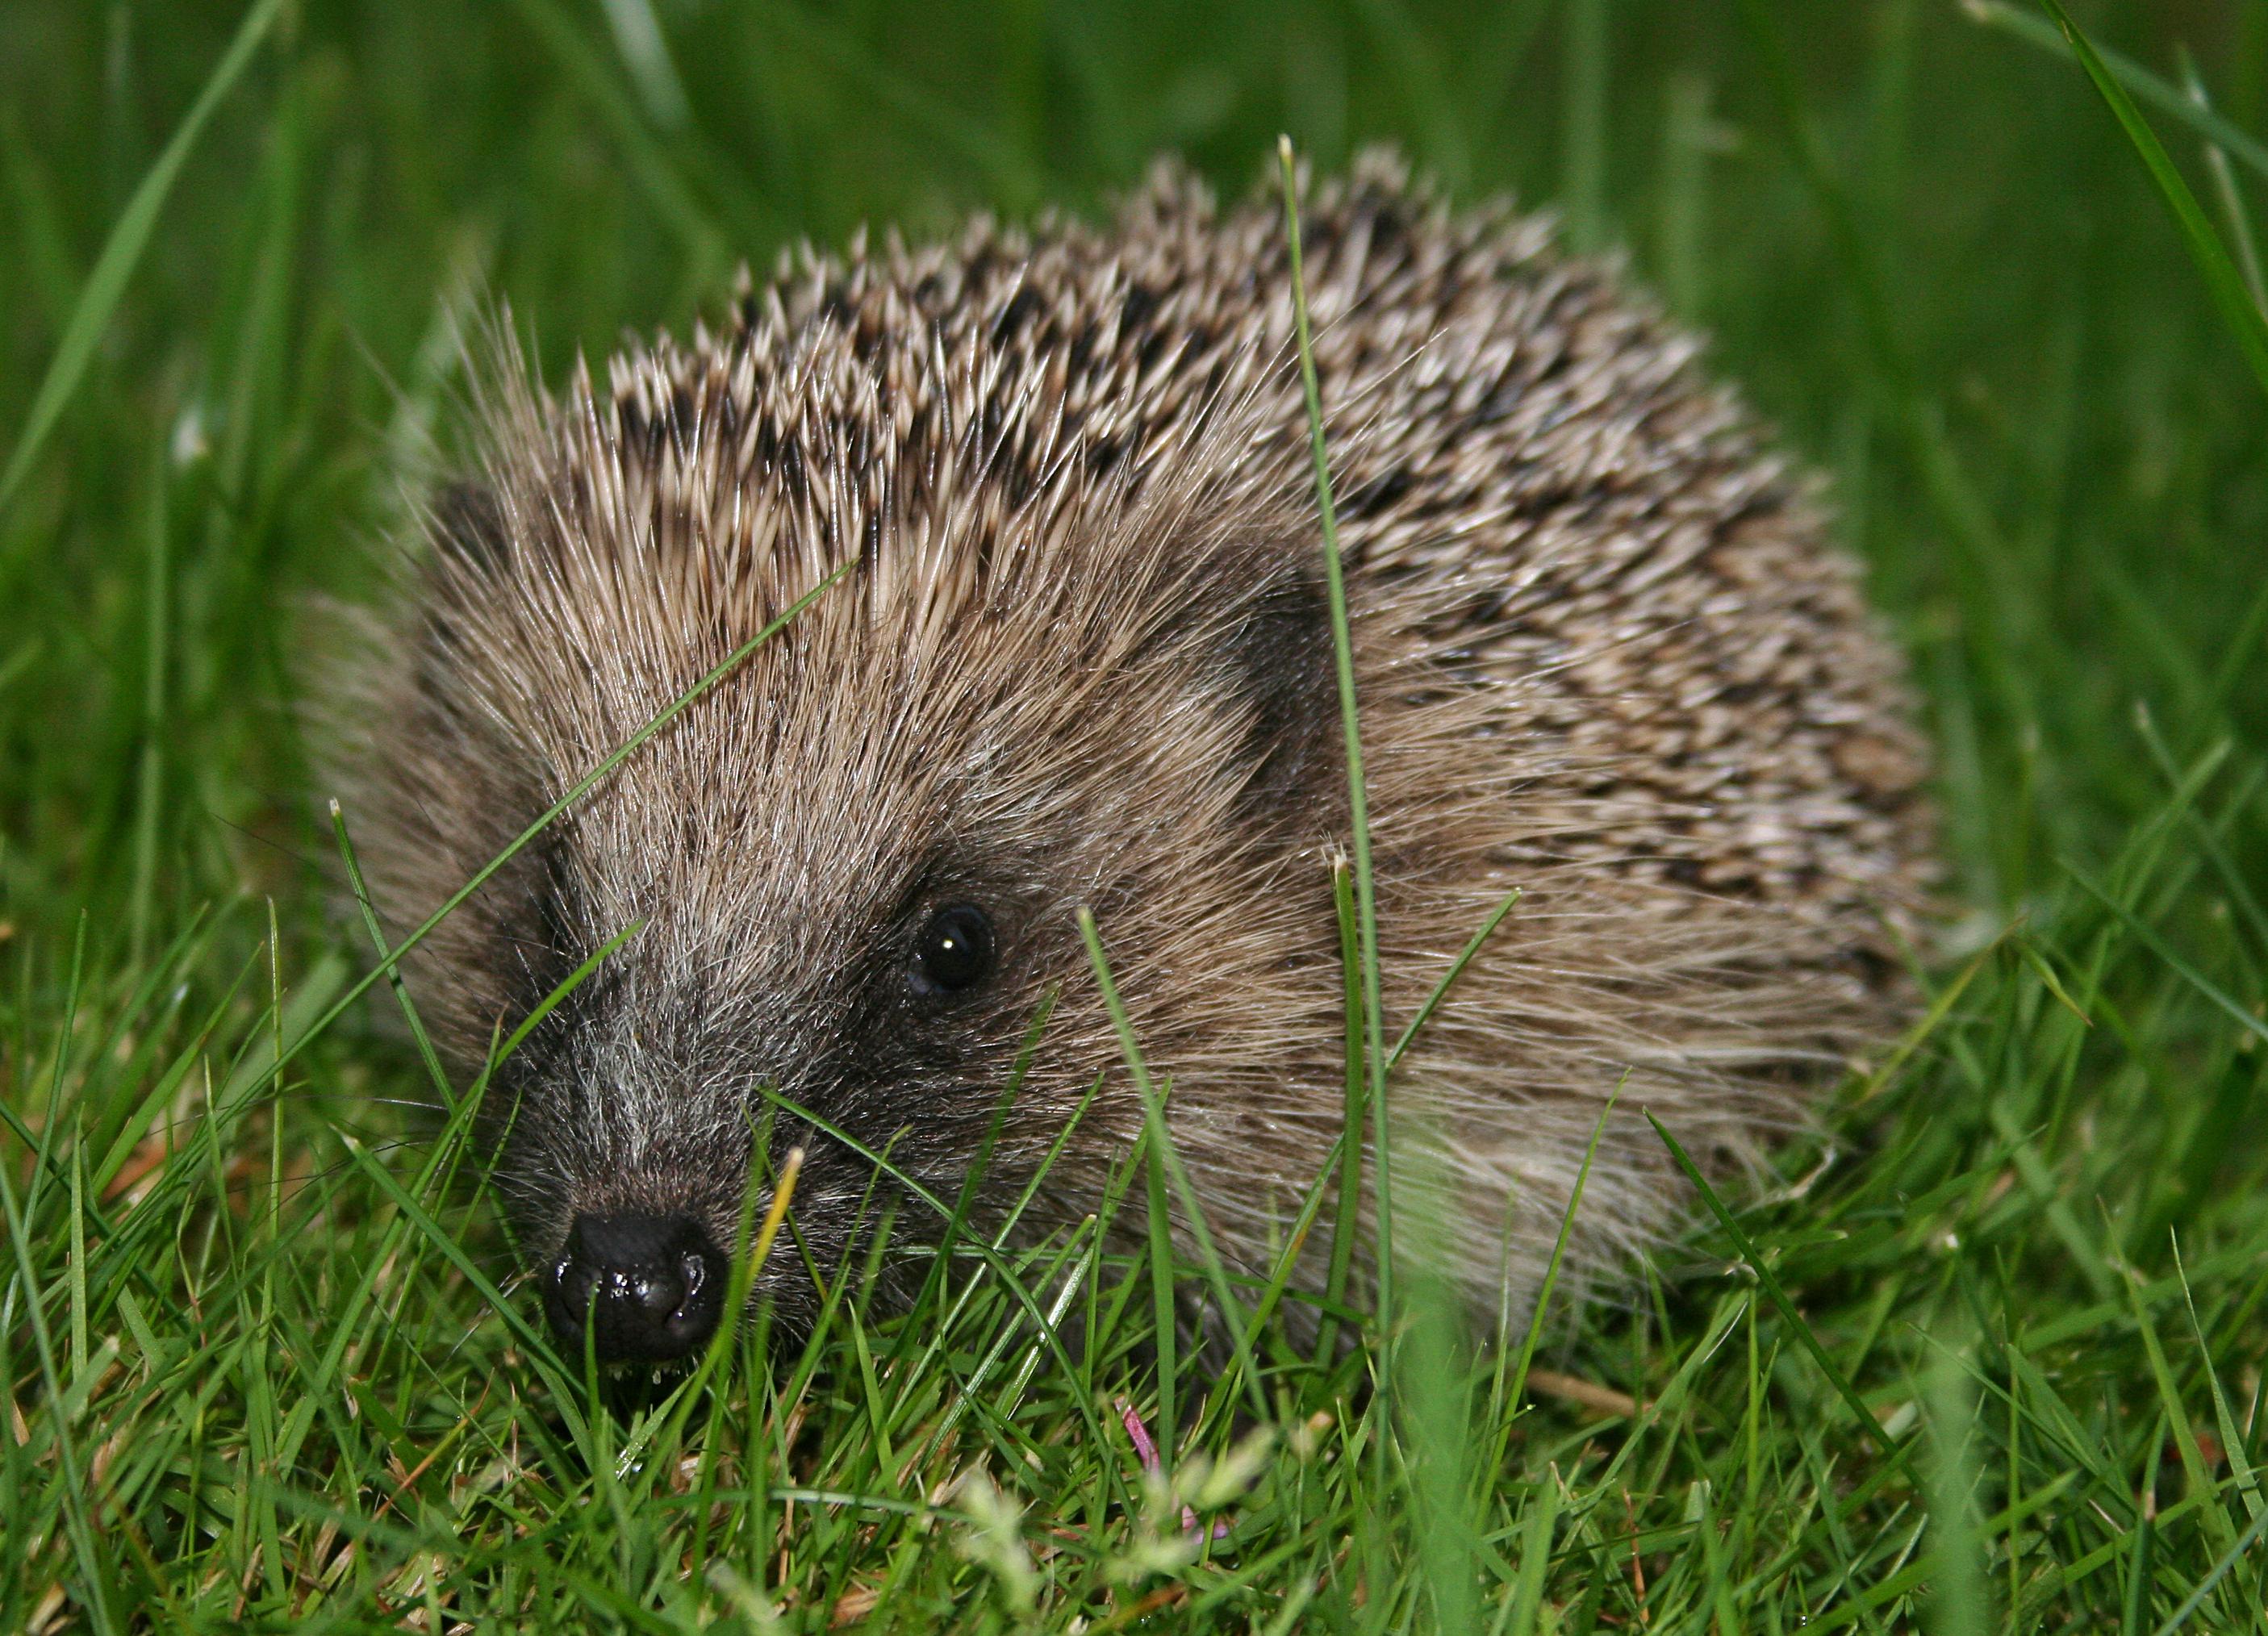 File:European hedgehog (Erinaceus europaeus).jpg - Wikipedia, the free ...